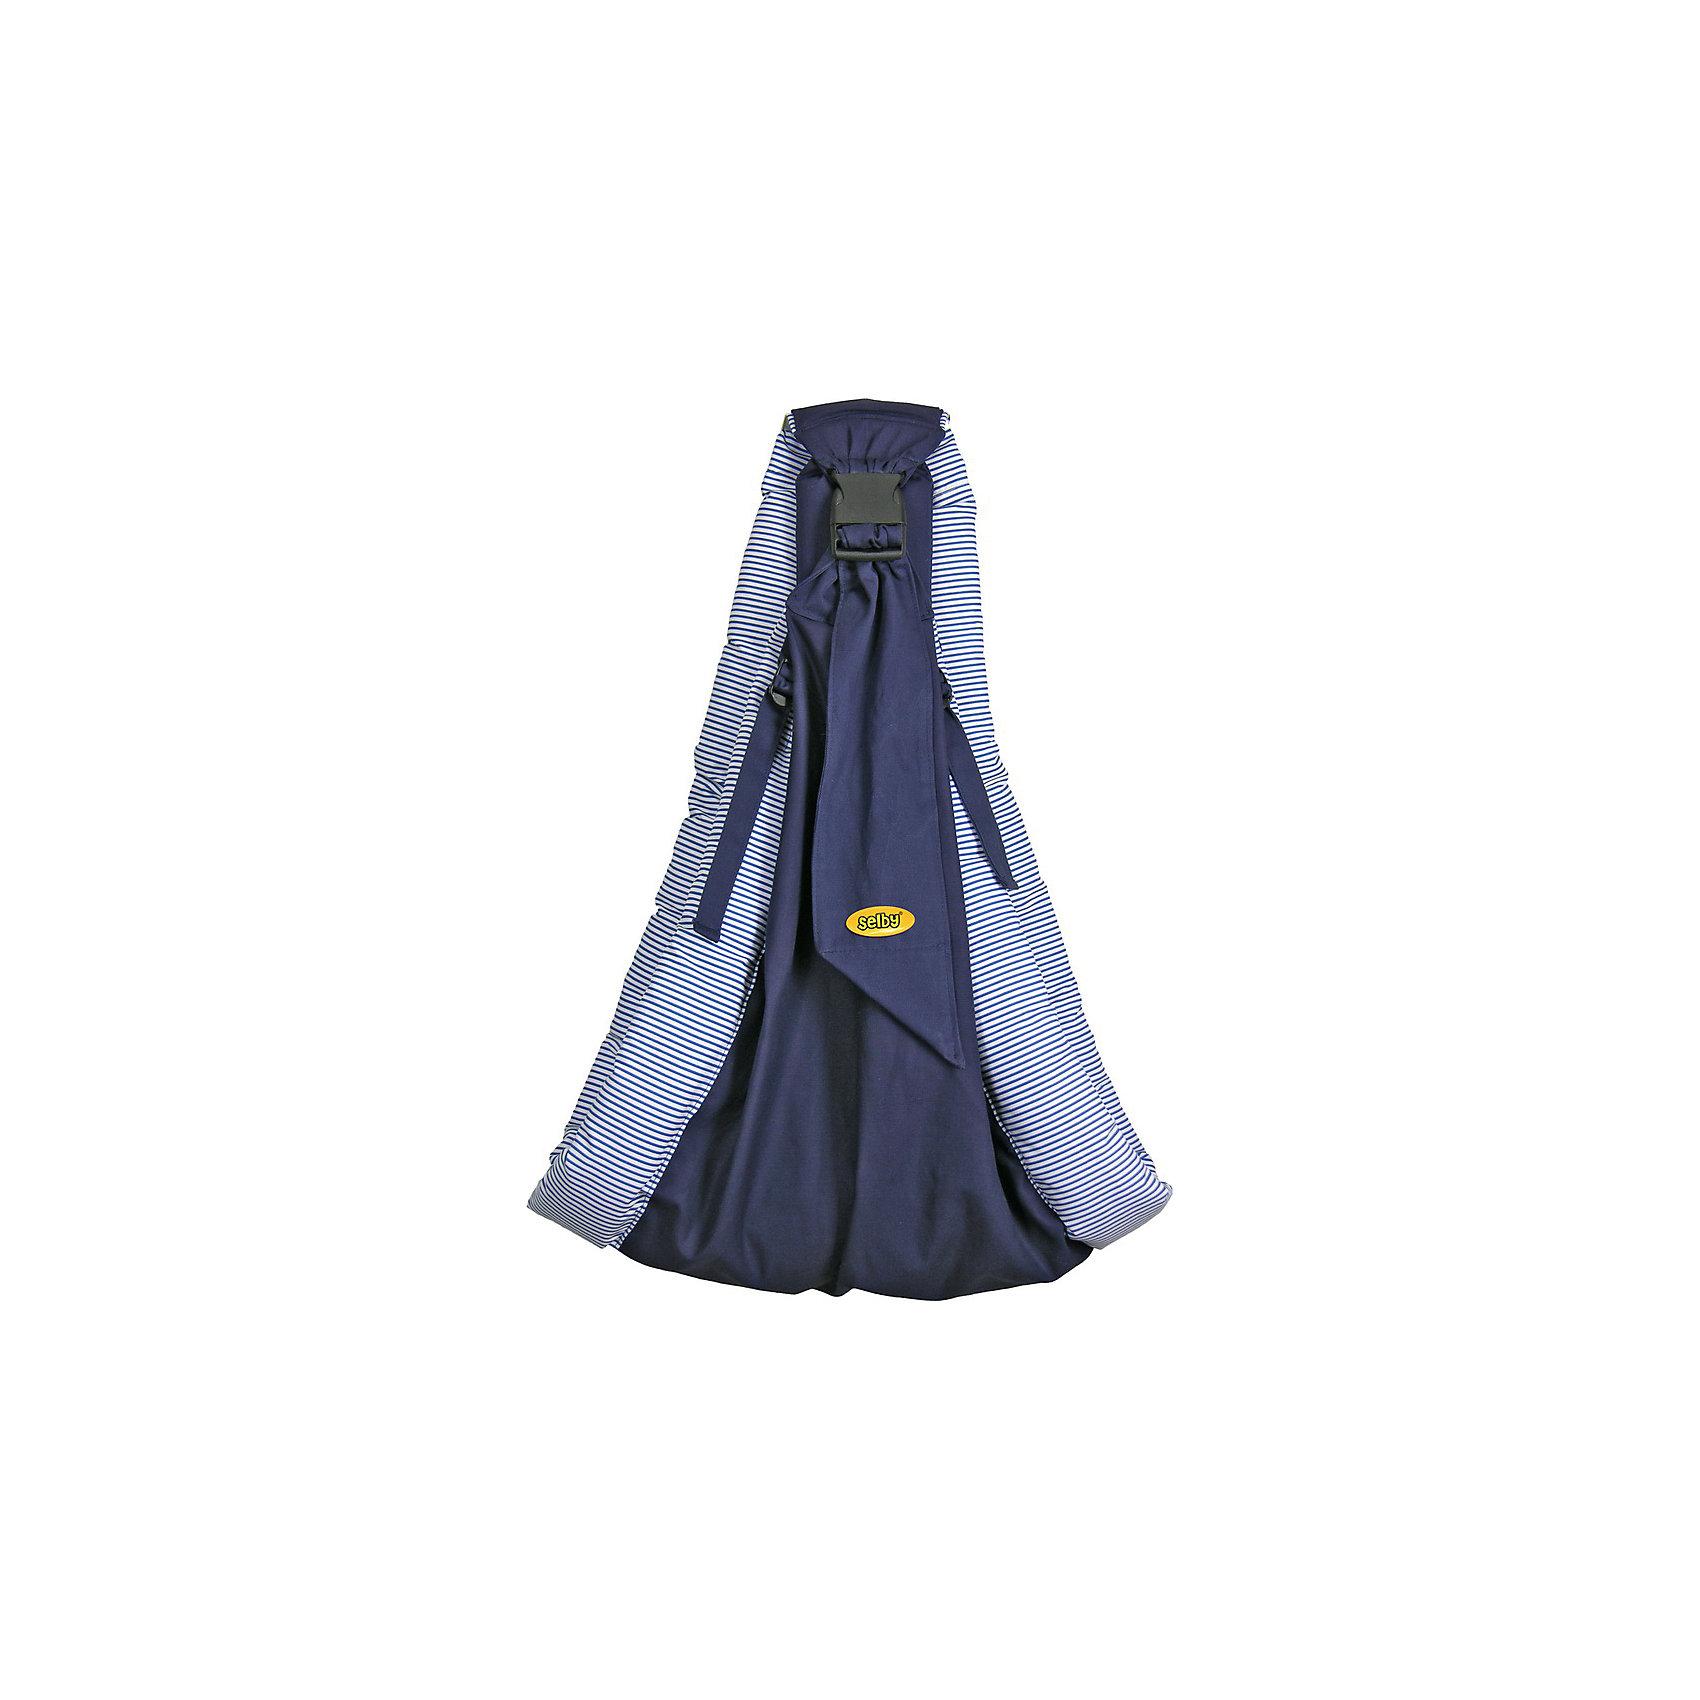 Слинг Freedom, Selby, синийСлинги и рюкзаки-переноски<br>Слинг Freedom, Selby, синий – это удобный и комфортный слинг для переноски вашего малыша.<br>Эргономичный слинг Freedom предназначен для детей весом от 3,2 до 12 кг (с рождения до 2-х лет). Позволяет носить ребенка в комфортном для него положении, выбирая несколько различных способов переноски в зависимости от его возраста и ситуации. Надежная пластиковая пряжка для фиксации, широкий хвост для регулировки объема слинга, 2 ремешка для регулирования положения ребенка, мягкие бортики по краям надежно зафиксируют и отрегулируют положение малыша. А близость с мамой успокоит ребенка и обеспечит заботу и безопасность.<br><br>Дополнительная информация:<br><br>- Материал: 100% хлопок<br>- Цвет: синий<br>- Размер: 196 х 60 см.<br>- Вес: 0,4 кг.<br><br>Слинг Freedom, Selby, синий можно купить в нашем интернет-магазине.<br><br>Ширина мм: 1960<br>Глубина мм: 600<br>Высота мм: 200<br>Вес г: 600<br>Возраст от месяцев: 0<br>Возраст до месяцев: 24<br>Пол: Мужской<br>Возраст: Детский<br>SKU: 4354320